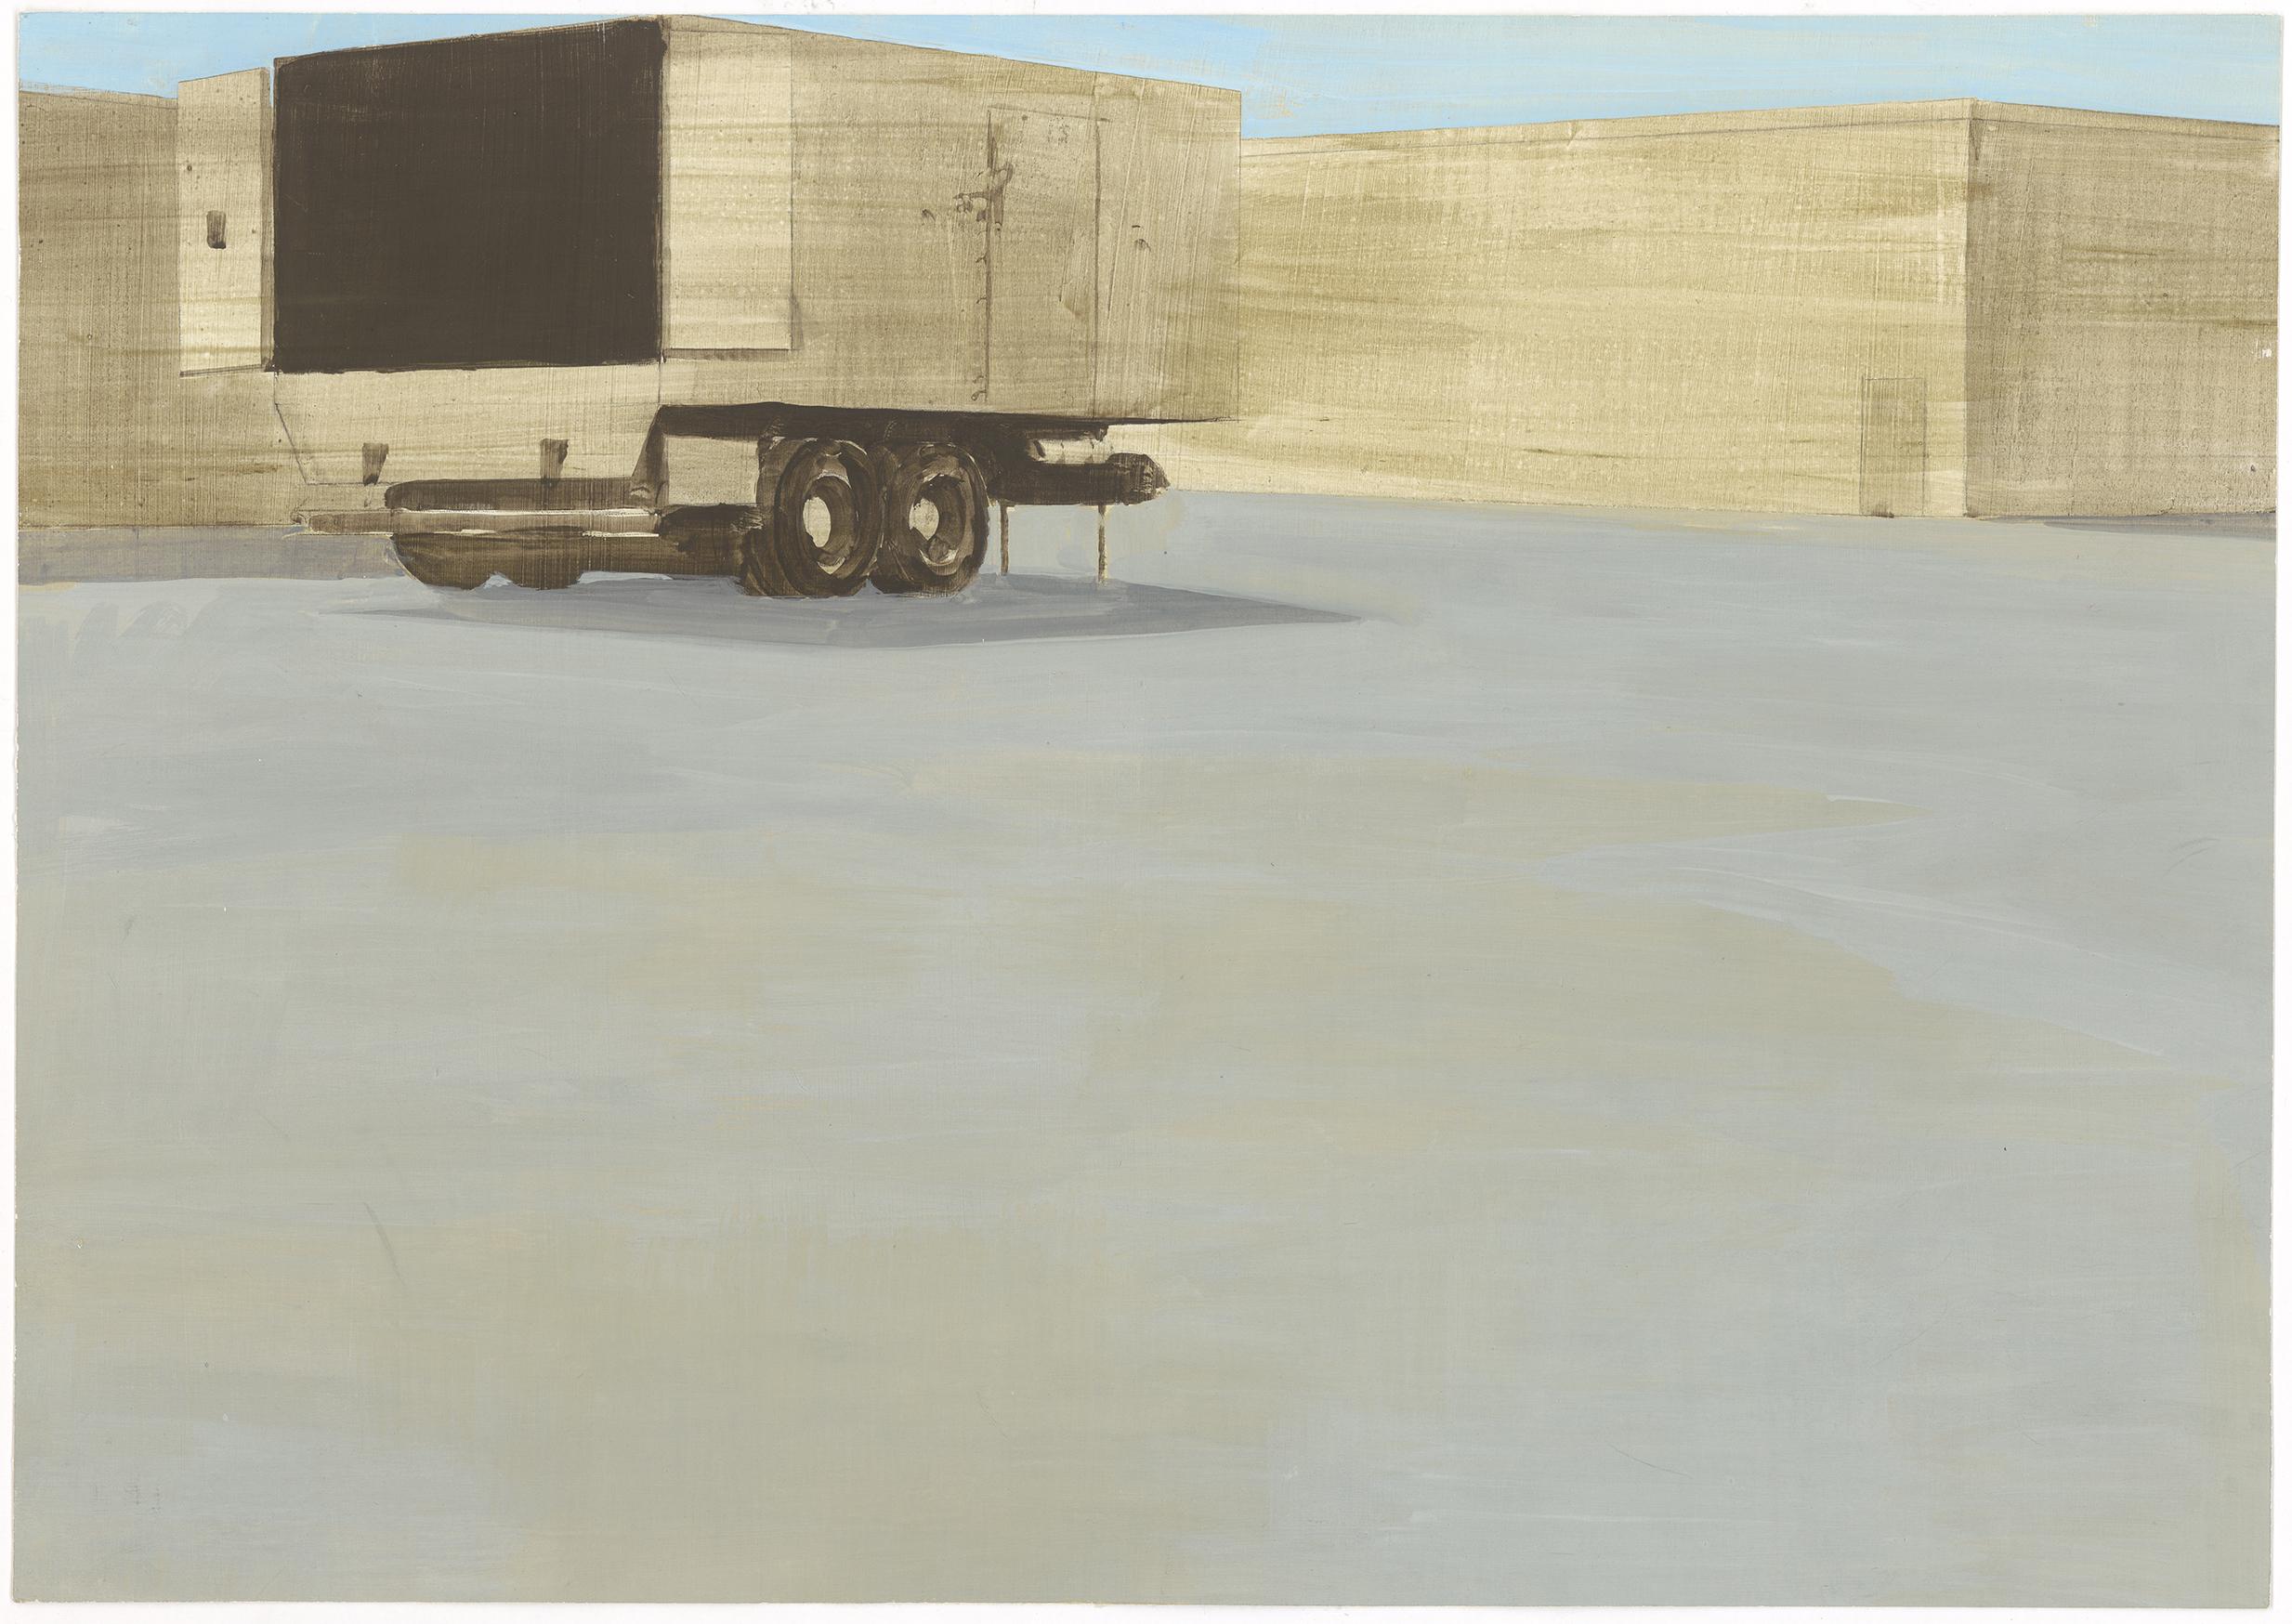 Tim Eitel. Ladung. 1999.